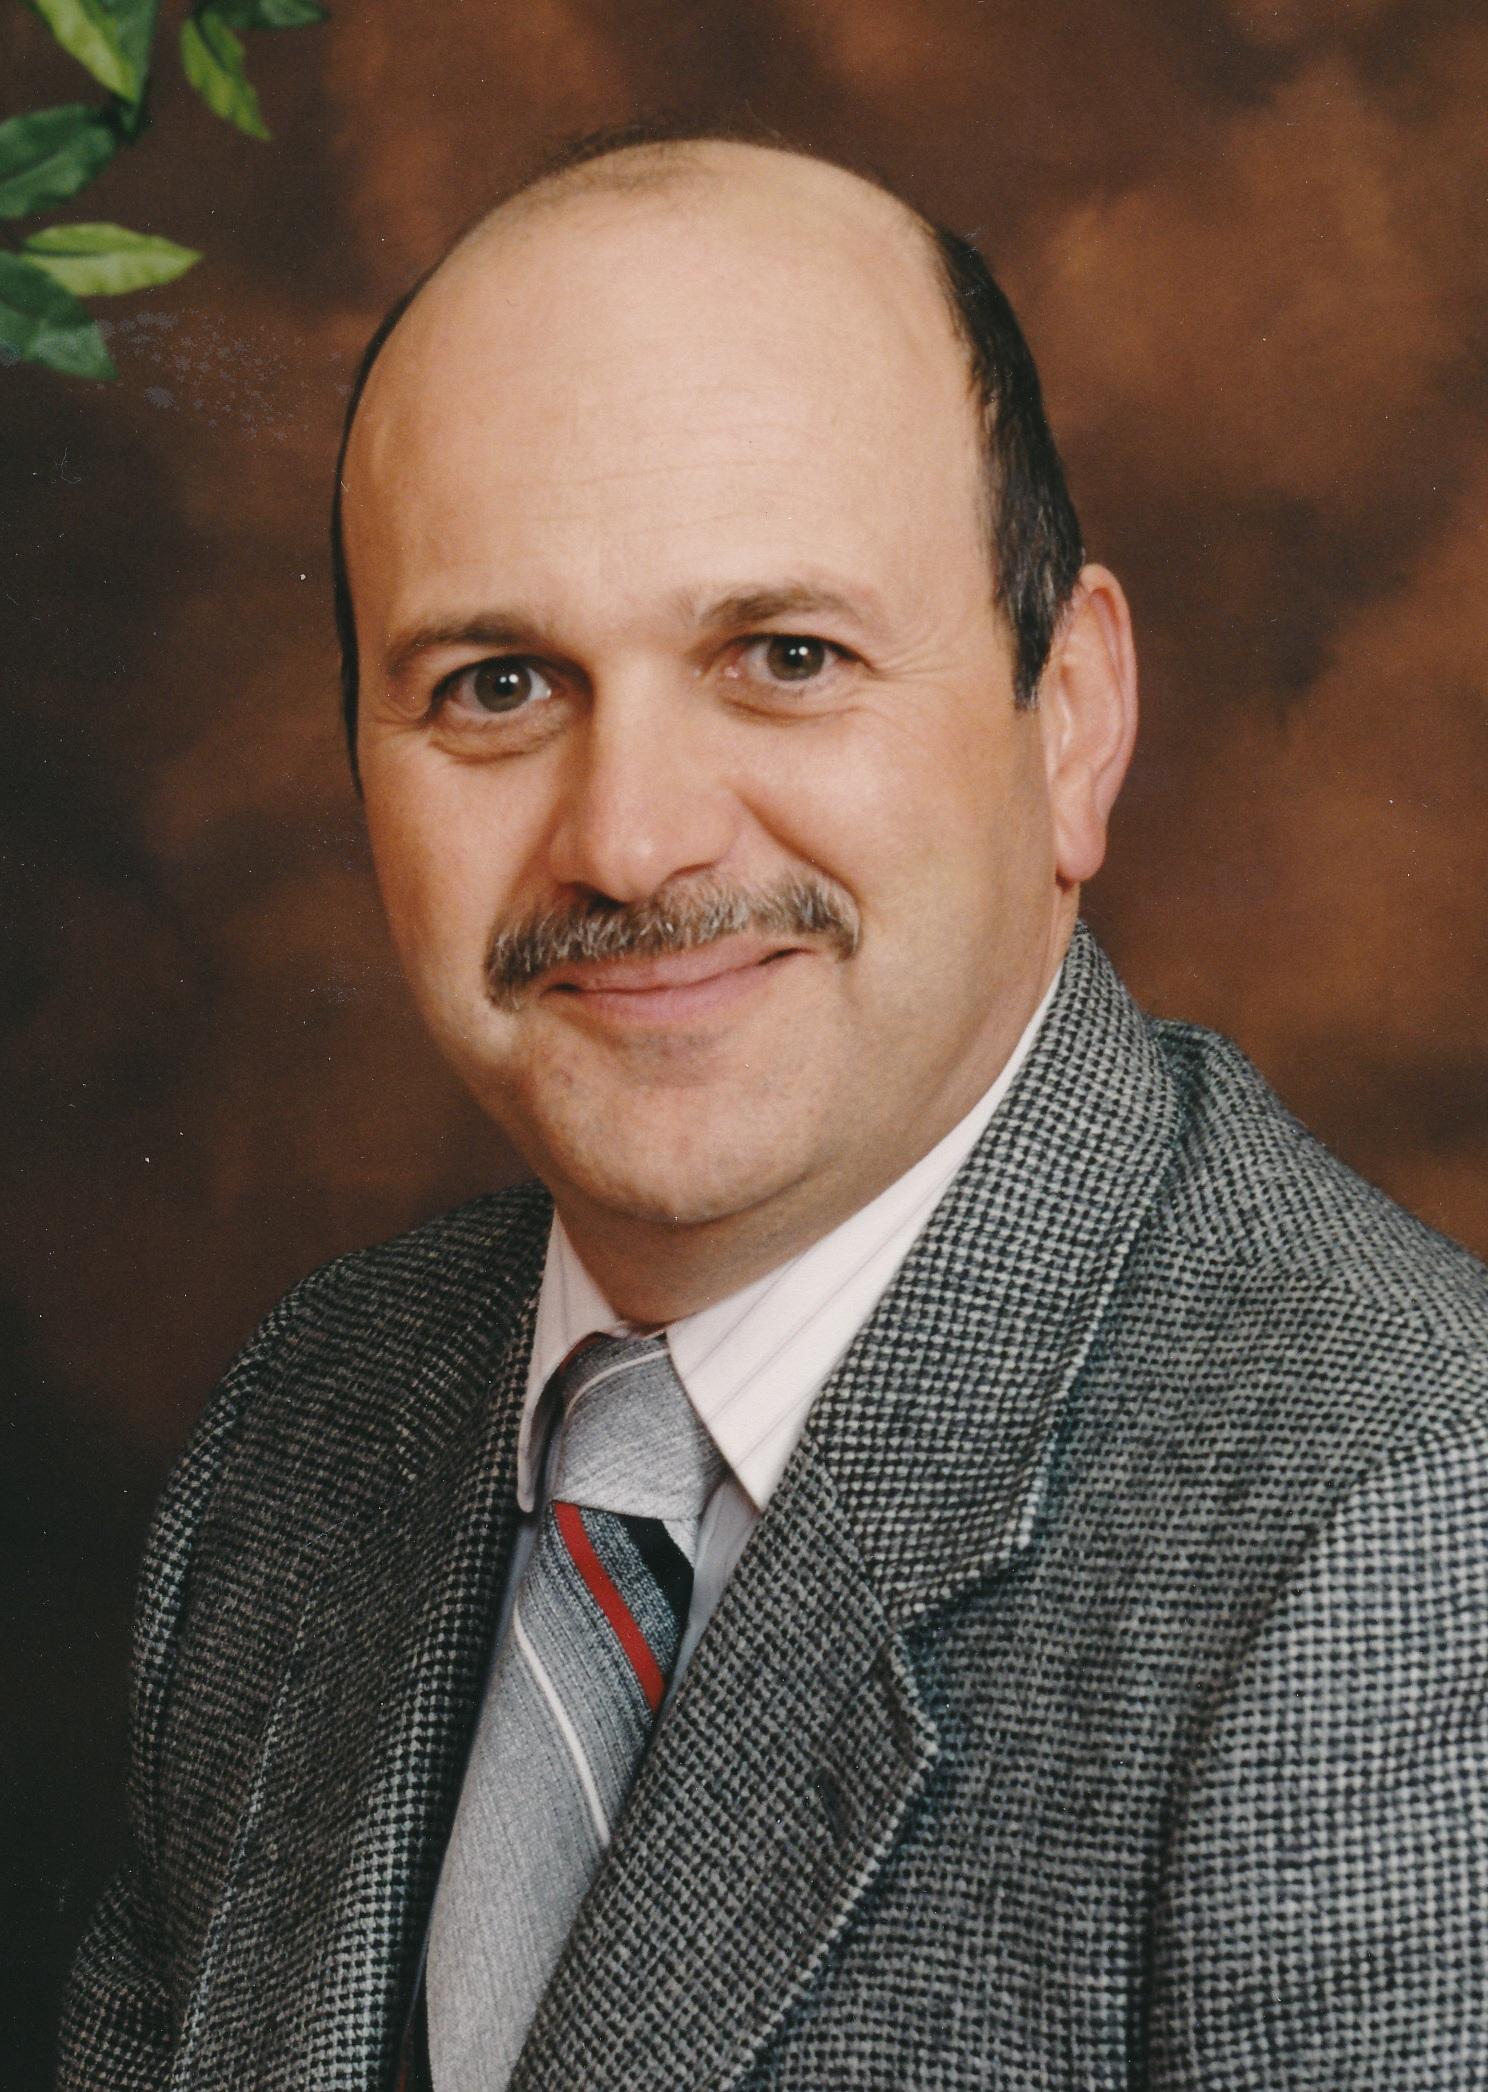 Daniel Jacques